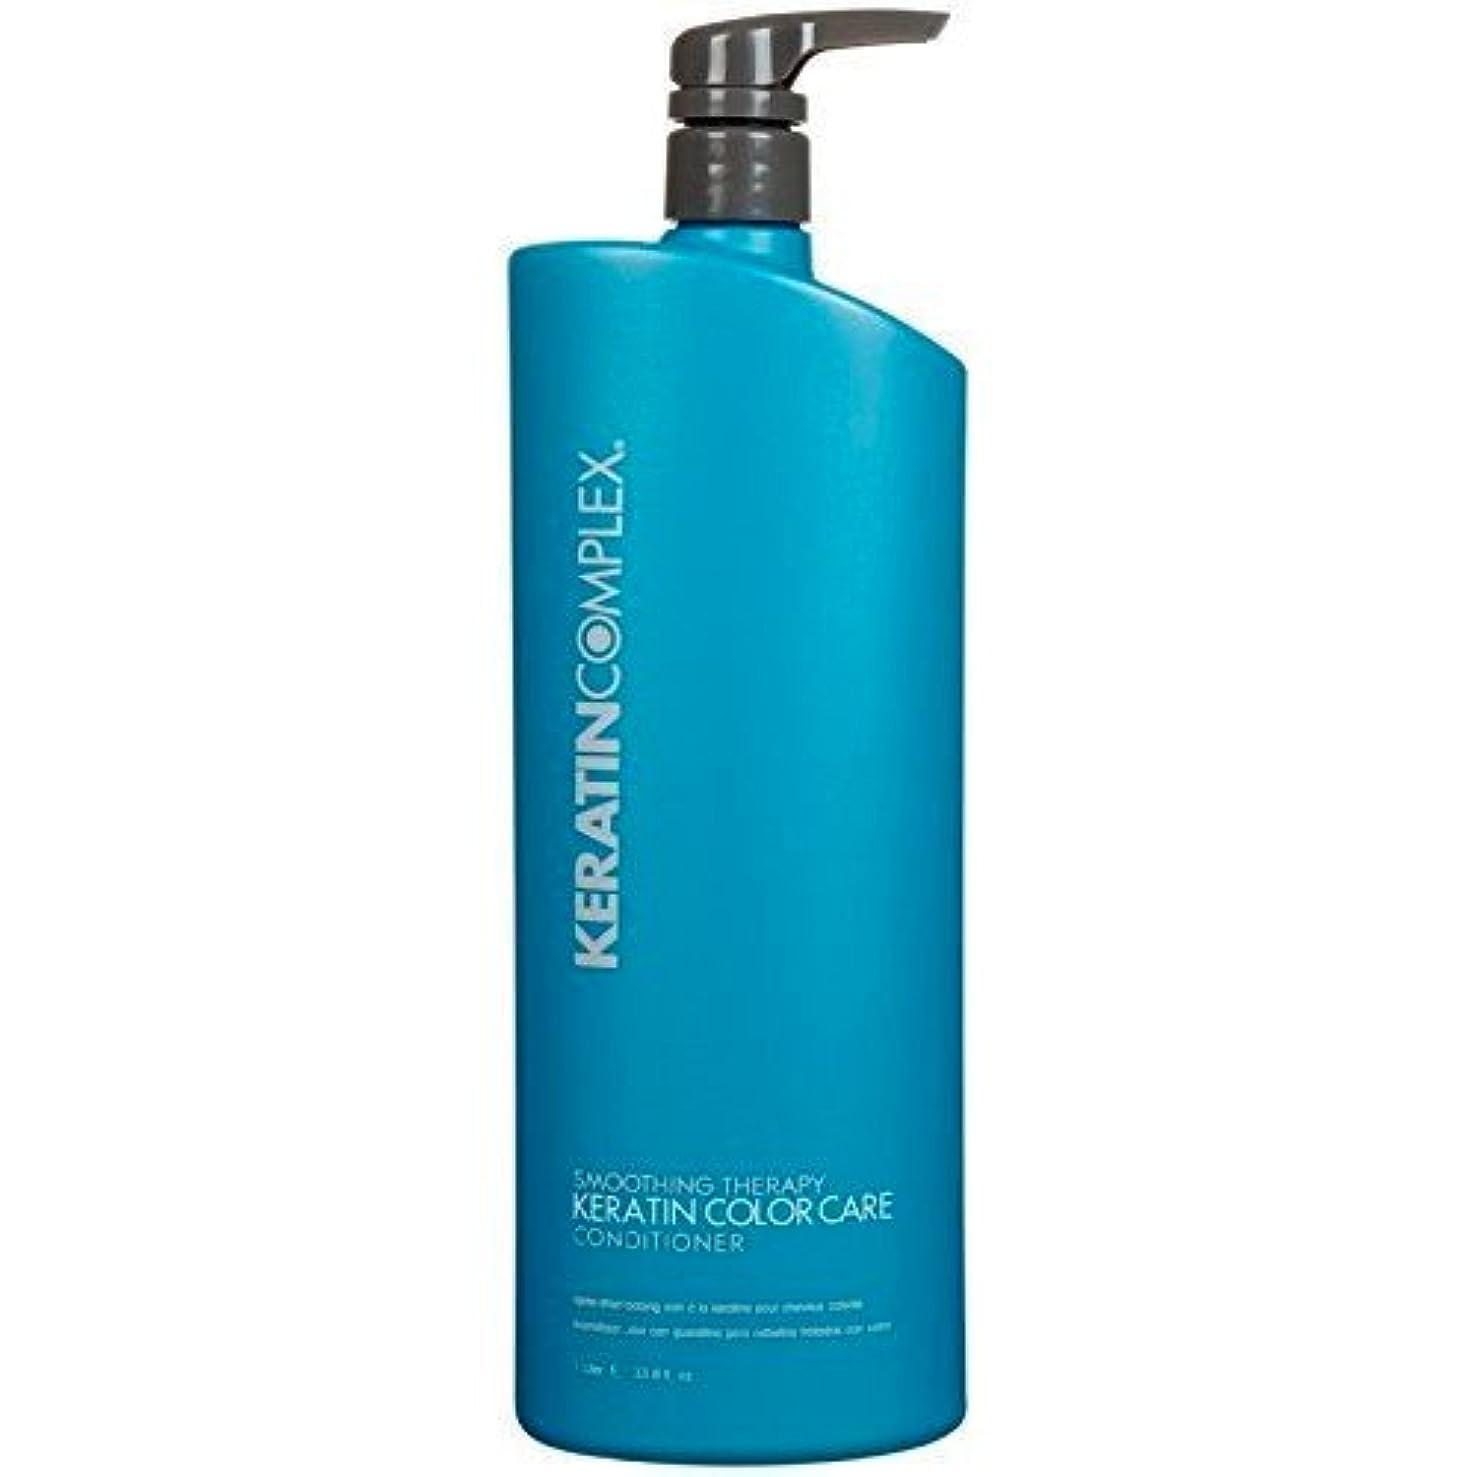 に負けるお酒株式ケラチンコンプレックス Smoothing Therapy Keratin Color Care Conditioner (For All Hair Types) 1000ml